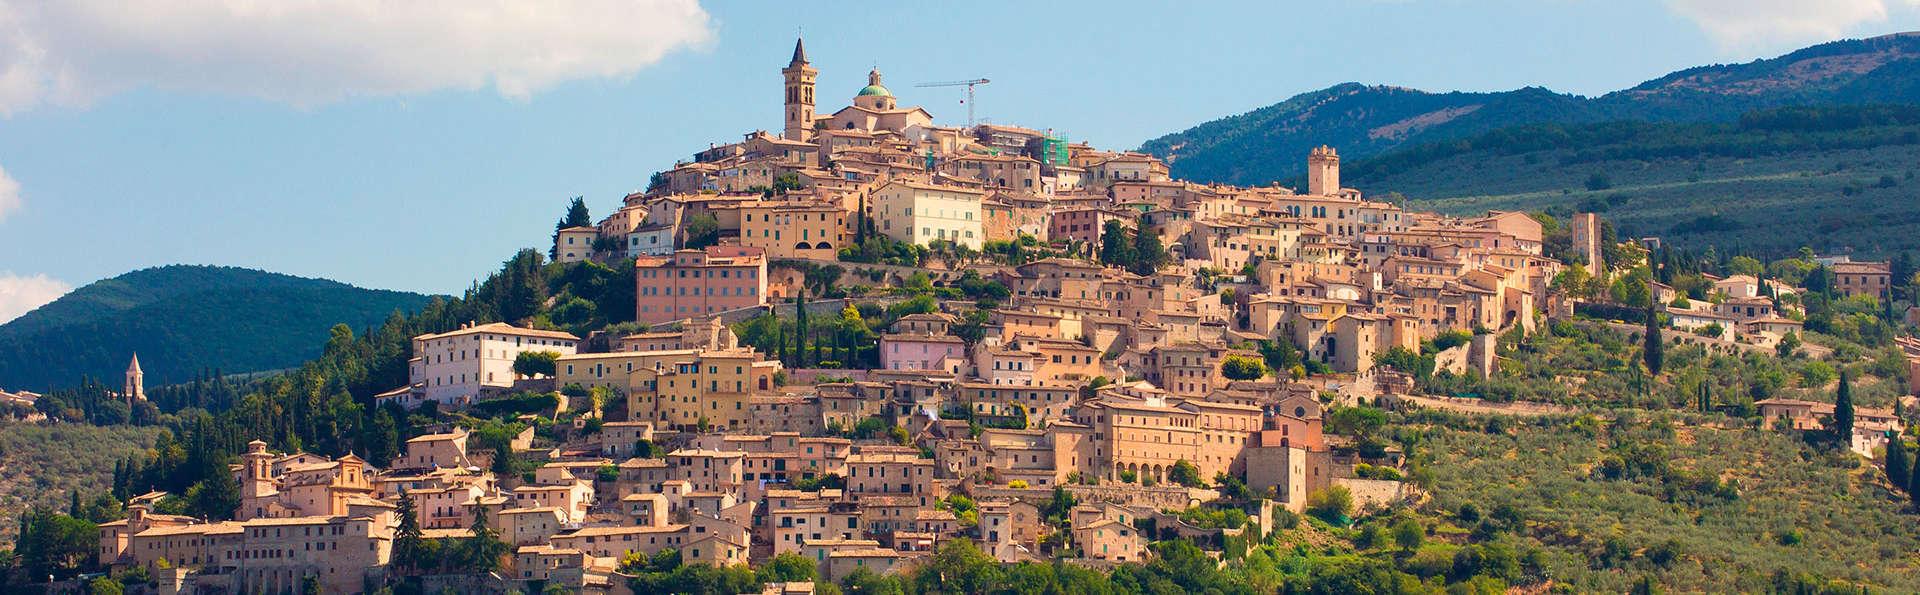 Hotel Antica Dimora alla Rocca - EDIT_trevi.jpg